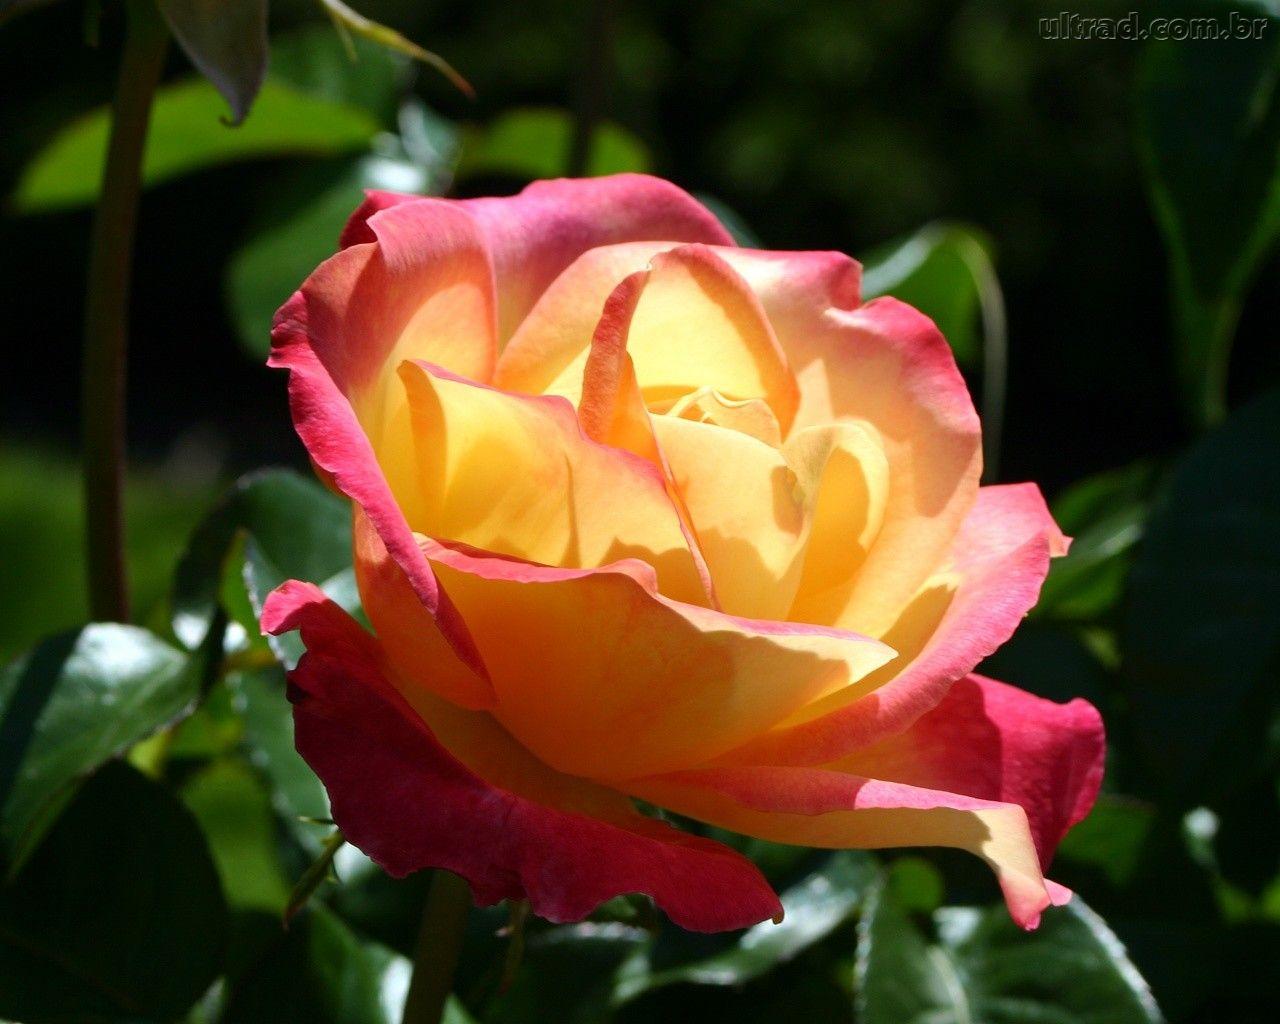 Imagens De Rosas Vermelhas E Amarelas